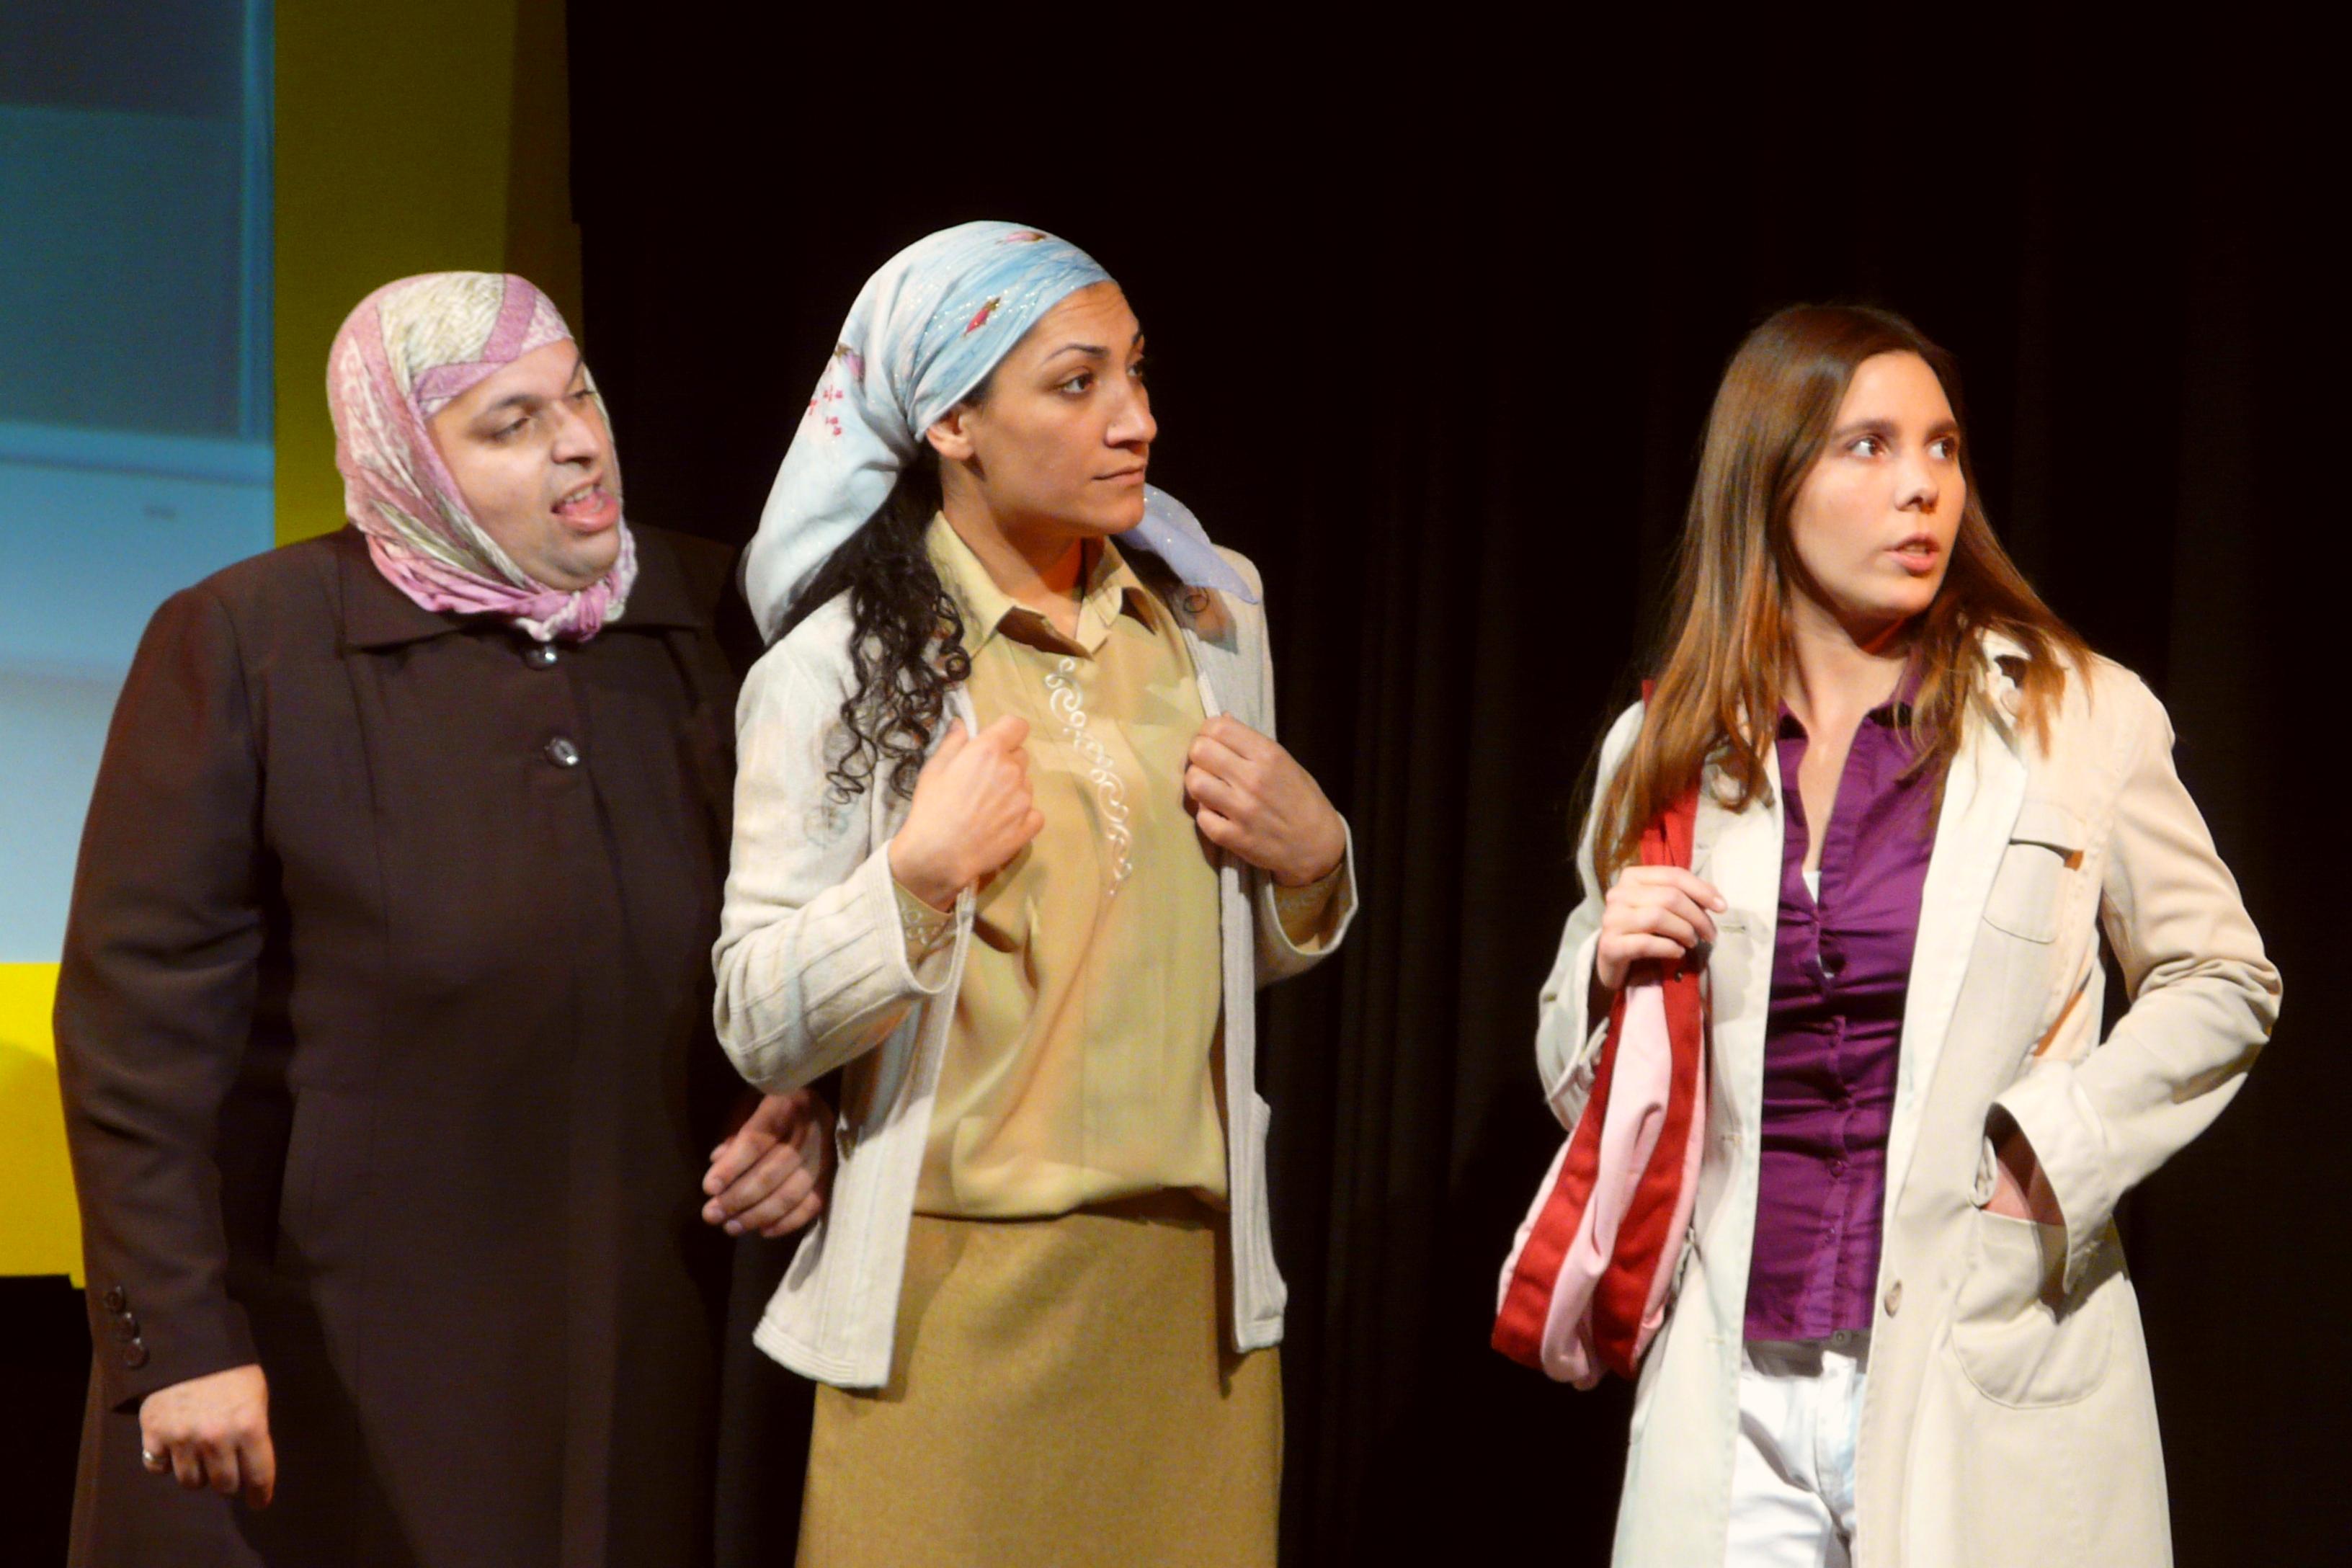 Fatima mit Hazal und Aline